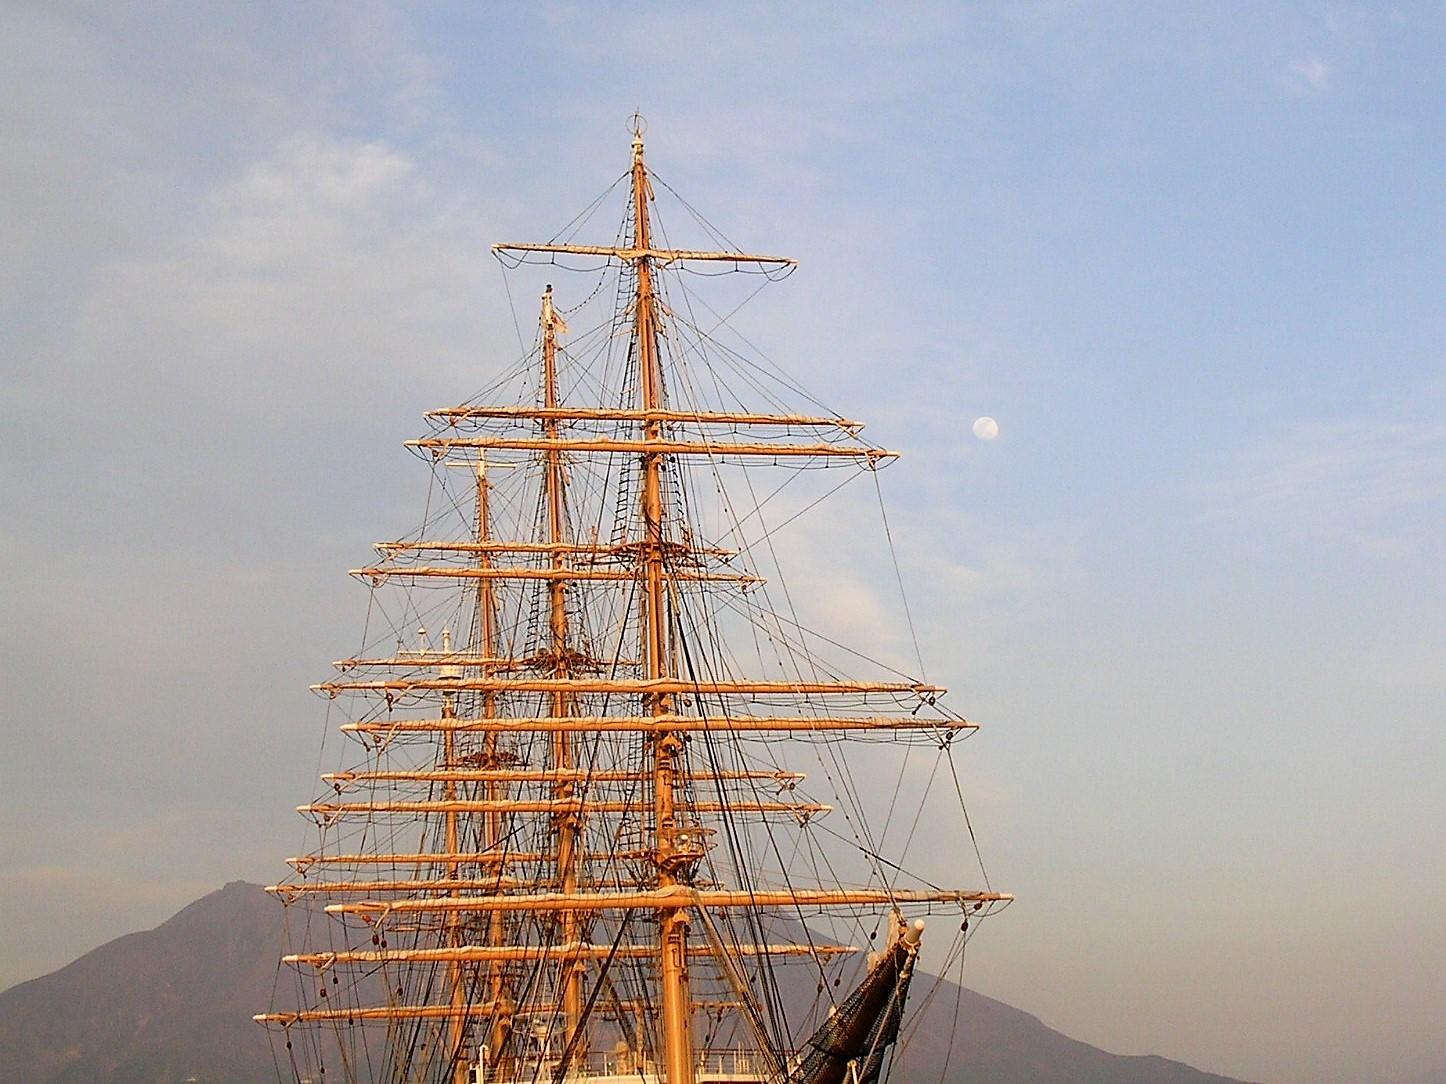 海王丸 桜島を背景に